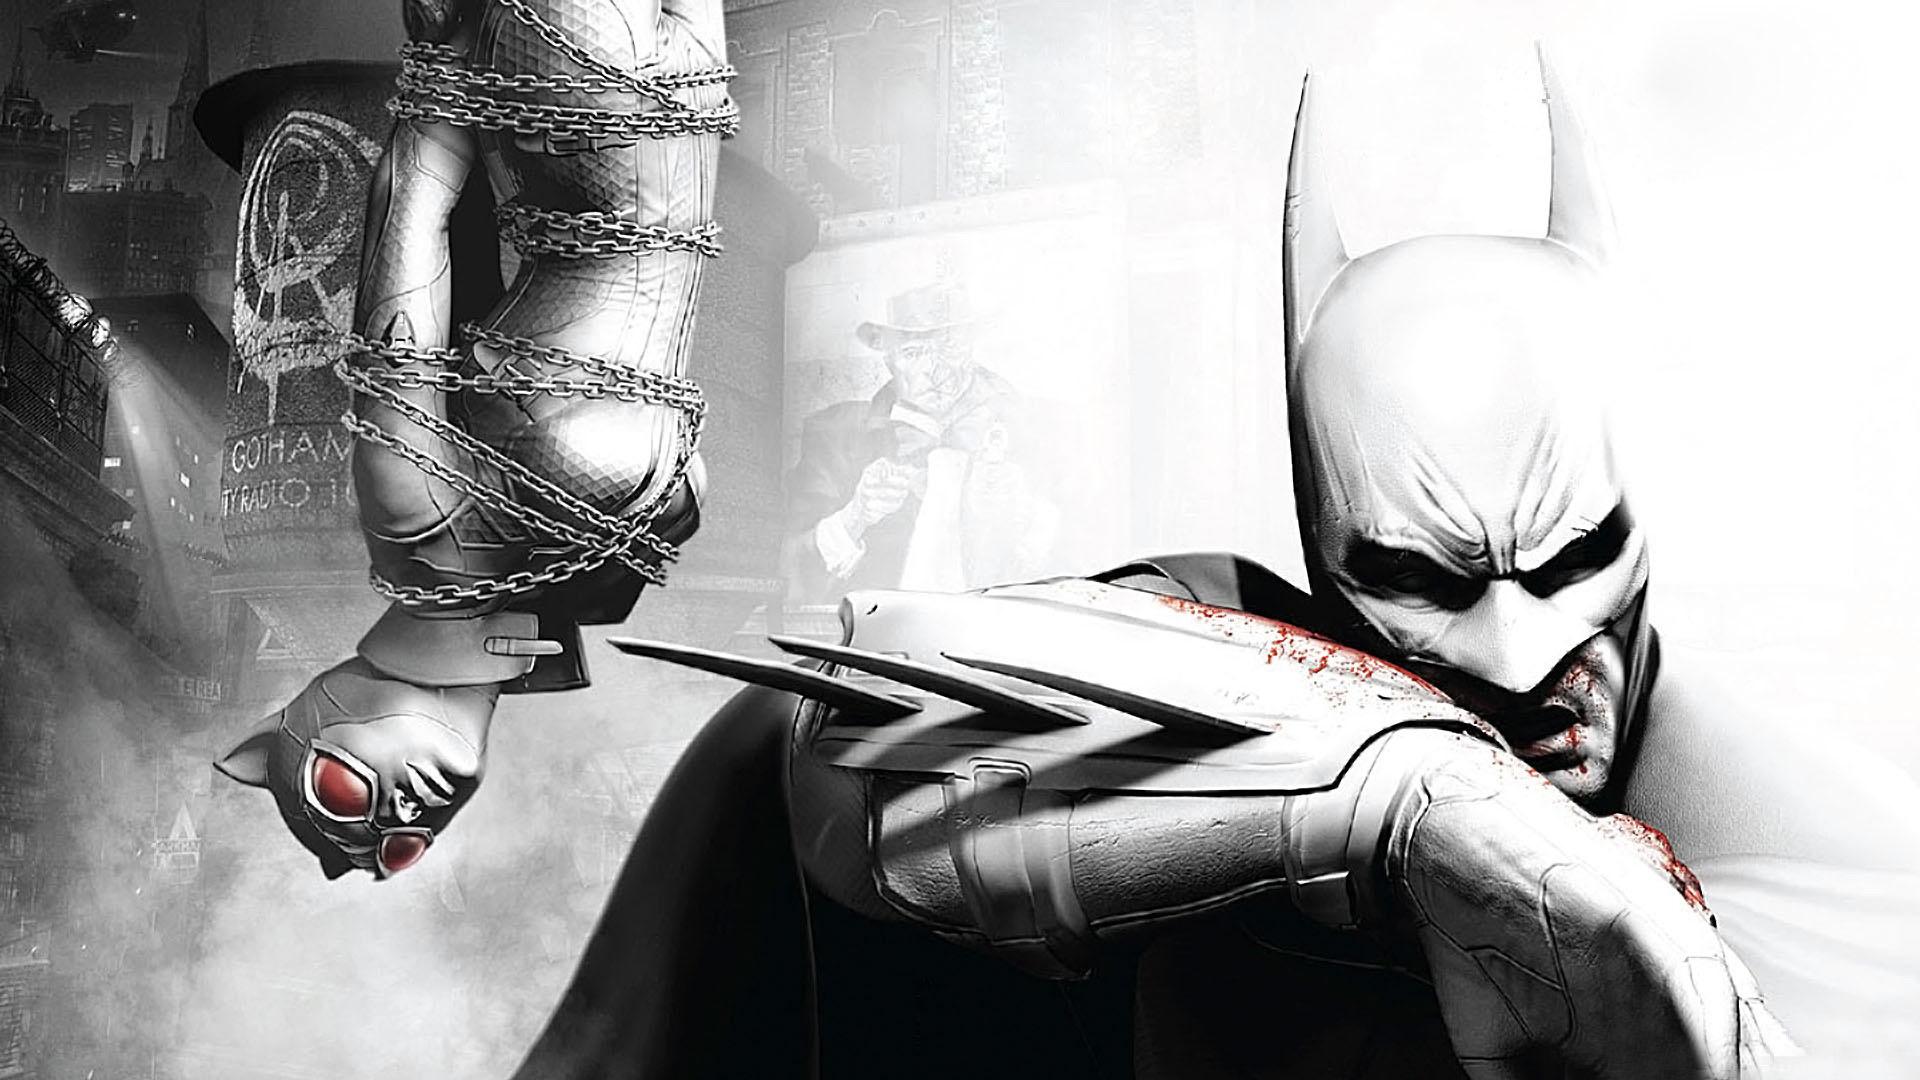 D-Batman-and-Catwoman-wallpaper-wp400919-1